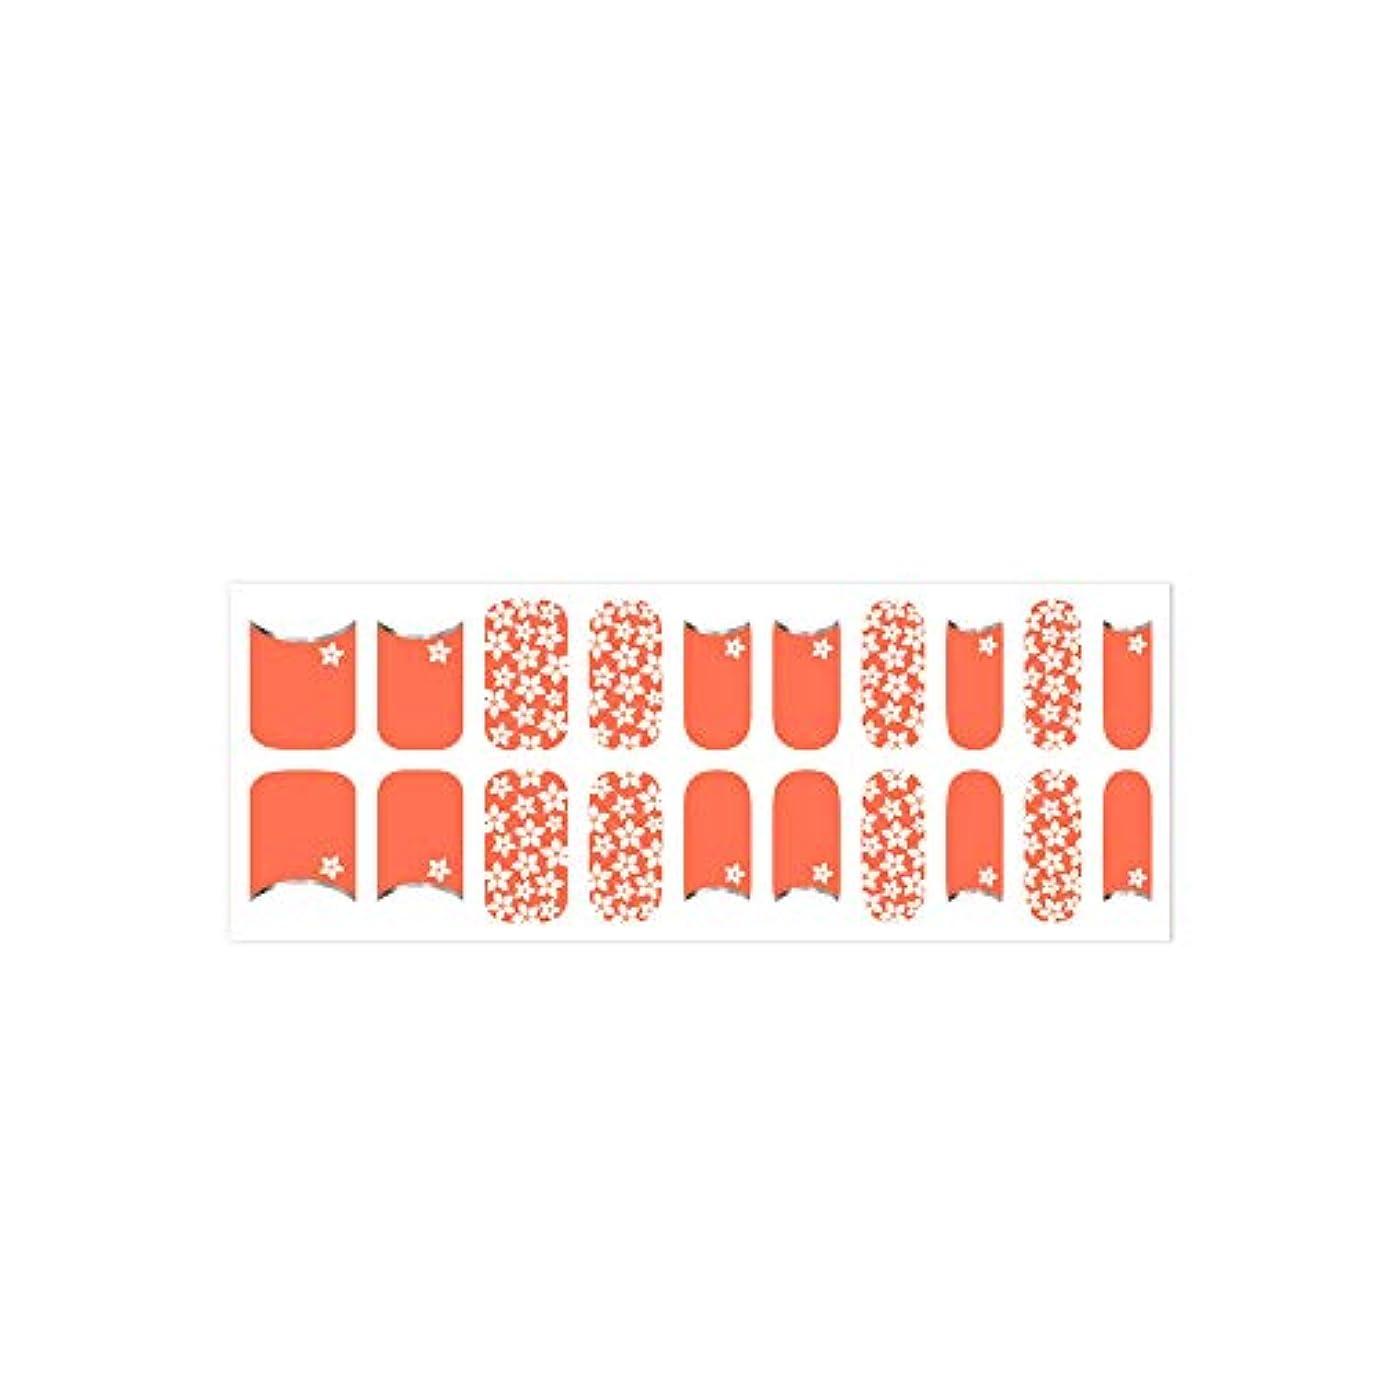 統計あいまいさチャンピオン爪に貼るだけで華やかになるネイルシート! 簡単セルフネイル ジェルネイル 20pcs ネイルシール ジェルネイルシール デコネイルシール VAVACOCO ペディキュア ハーフ かわいい 韓国 シンプル フルカバー ネイルパーツ...